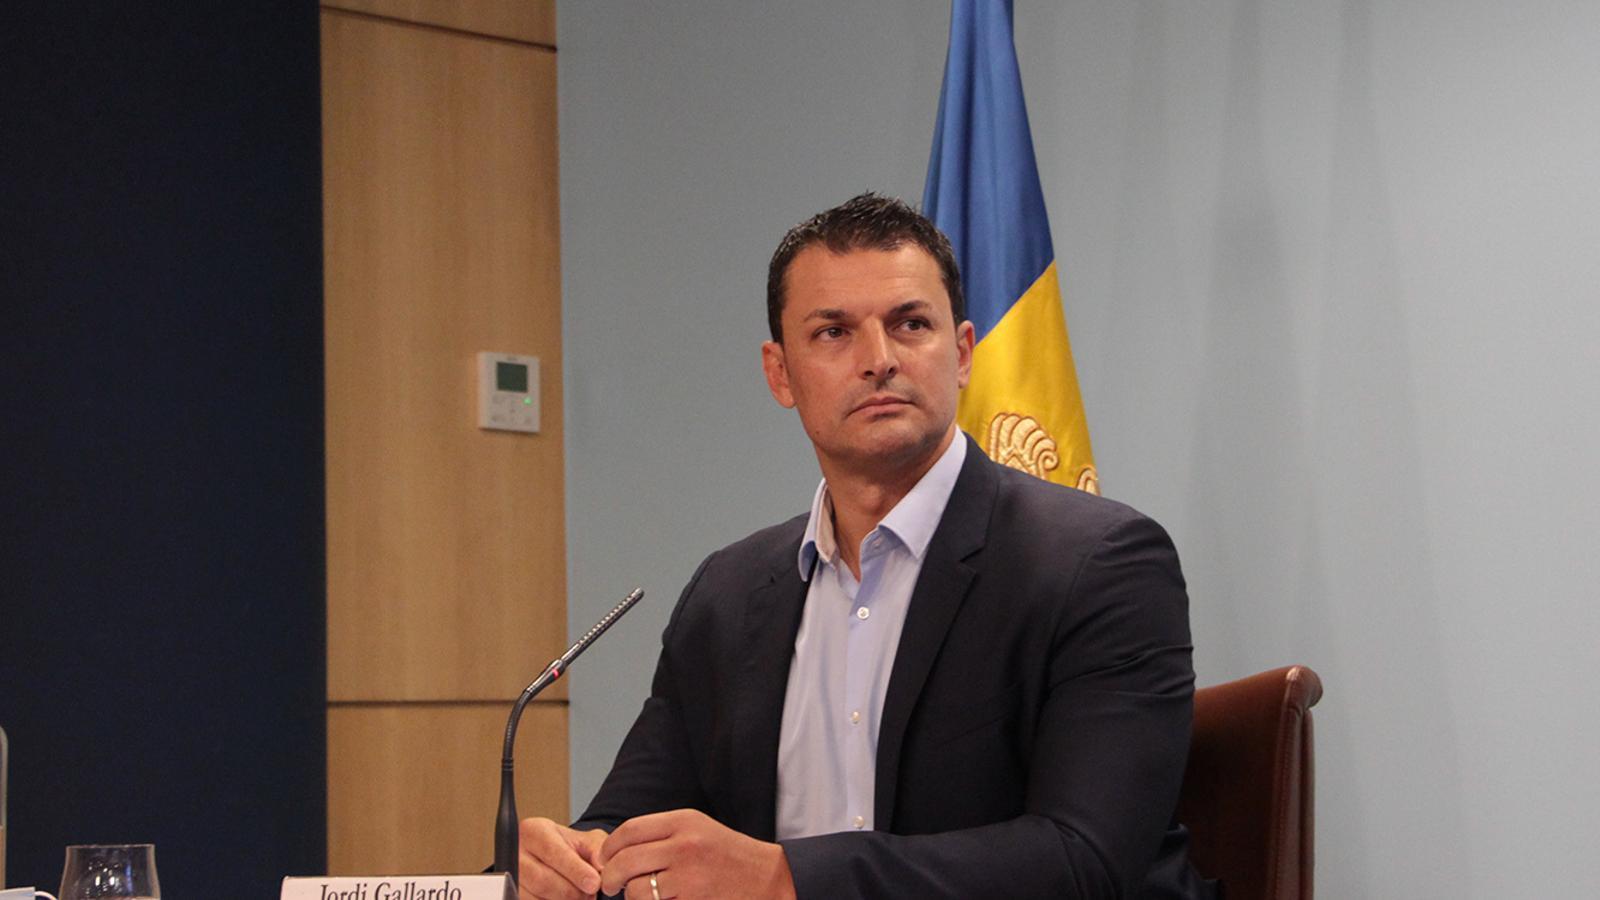 El ministre de Presidència, Economia i Empresa, Jordi Gallardo, durant la roda de premsa posterior al consell de ministres. / ANA